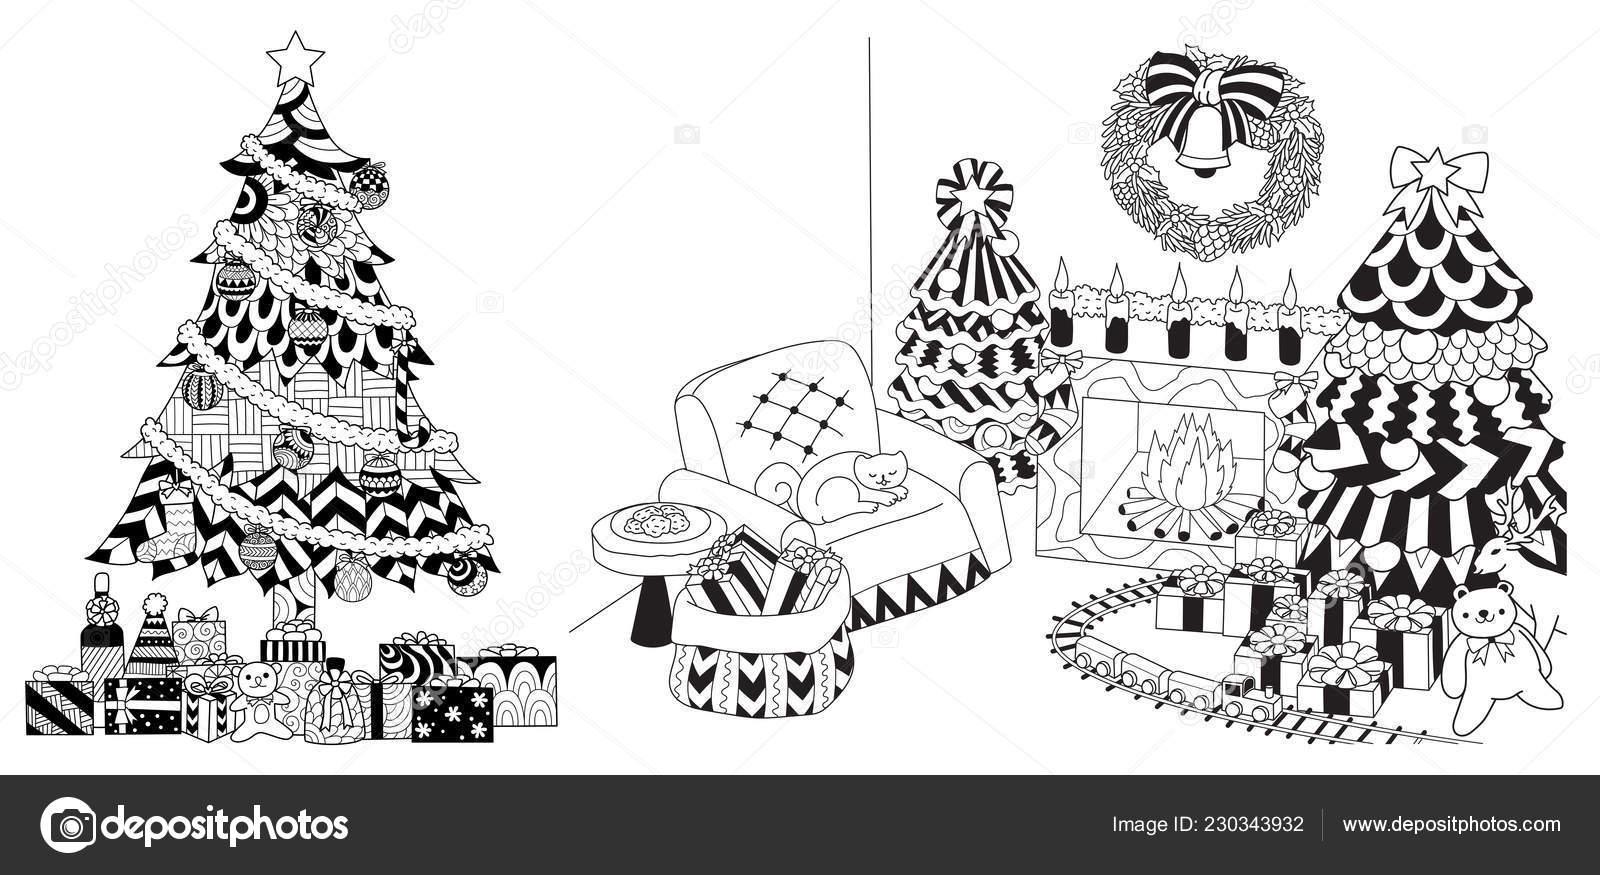 Disegni Da Colorare Albero Di Natale.Albero Natale Presenta Ornamenti Gruppo Disegni Carte Libro Colorare